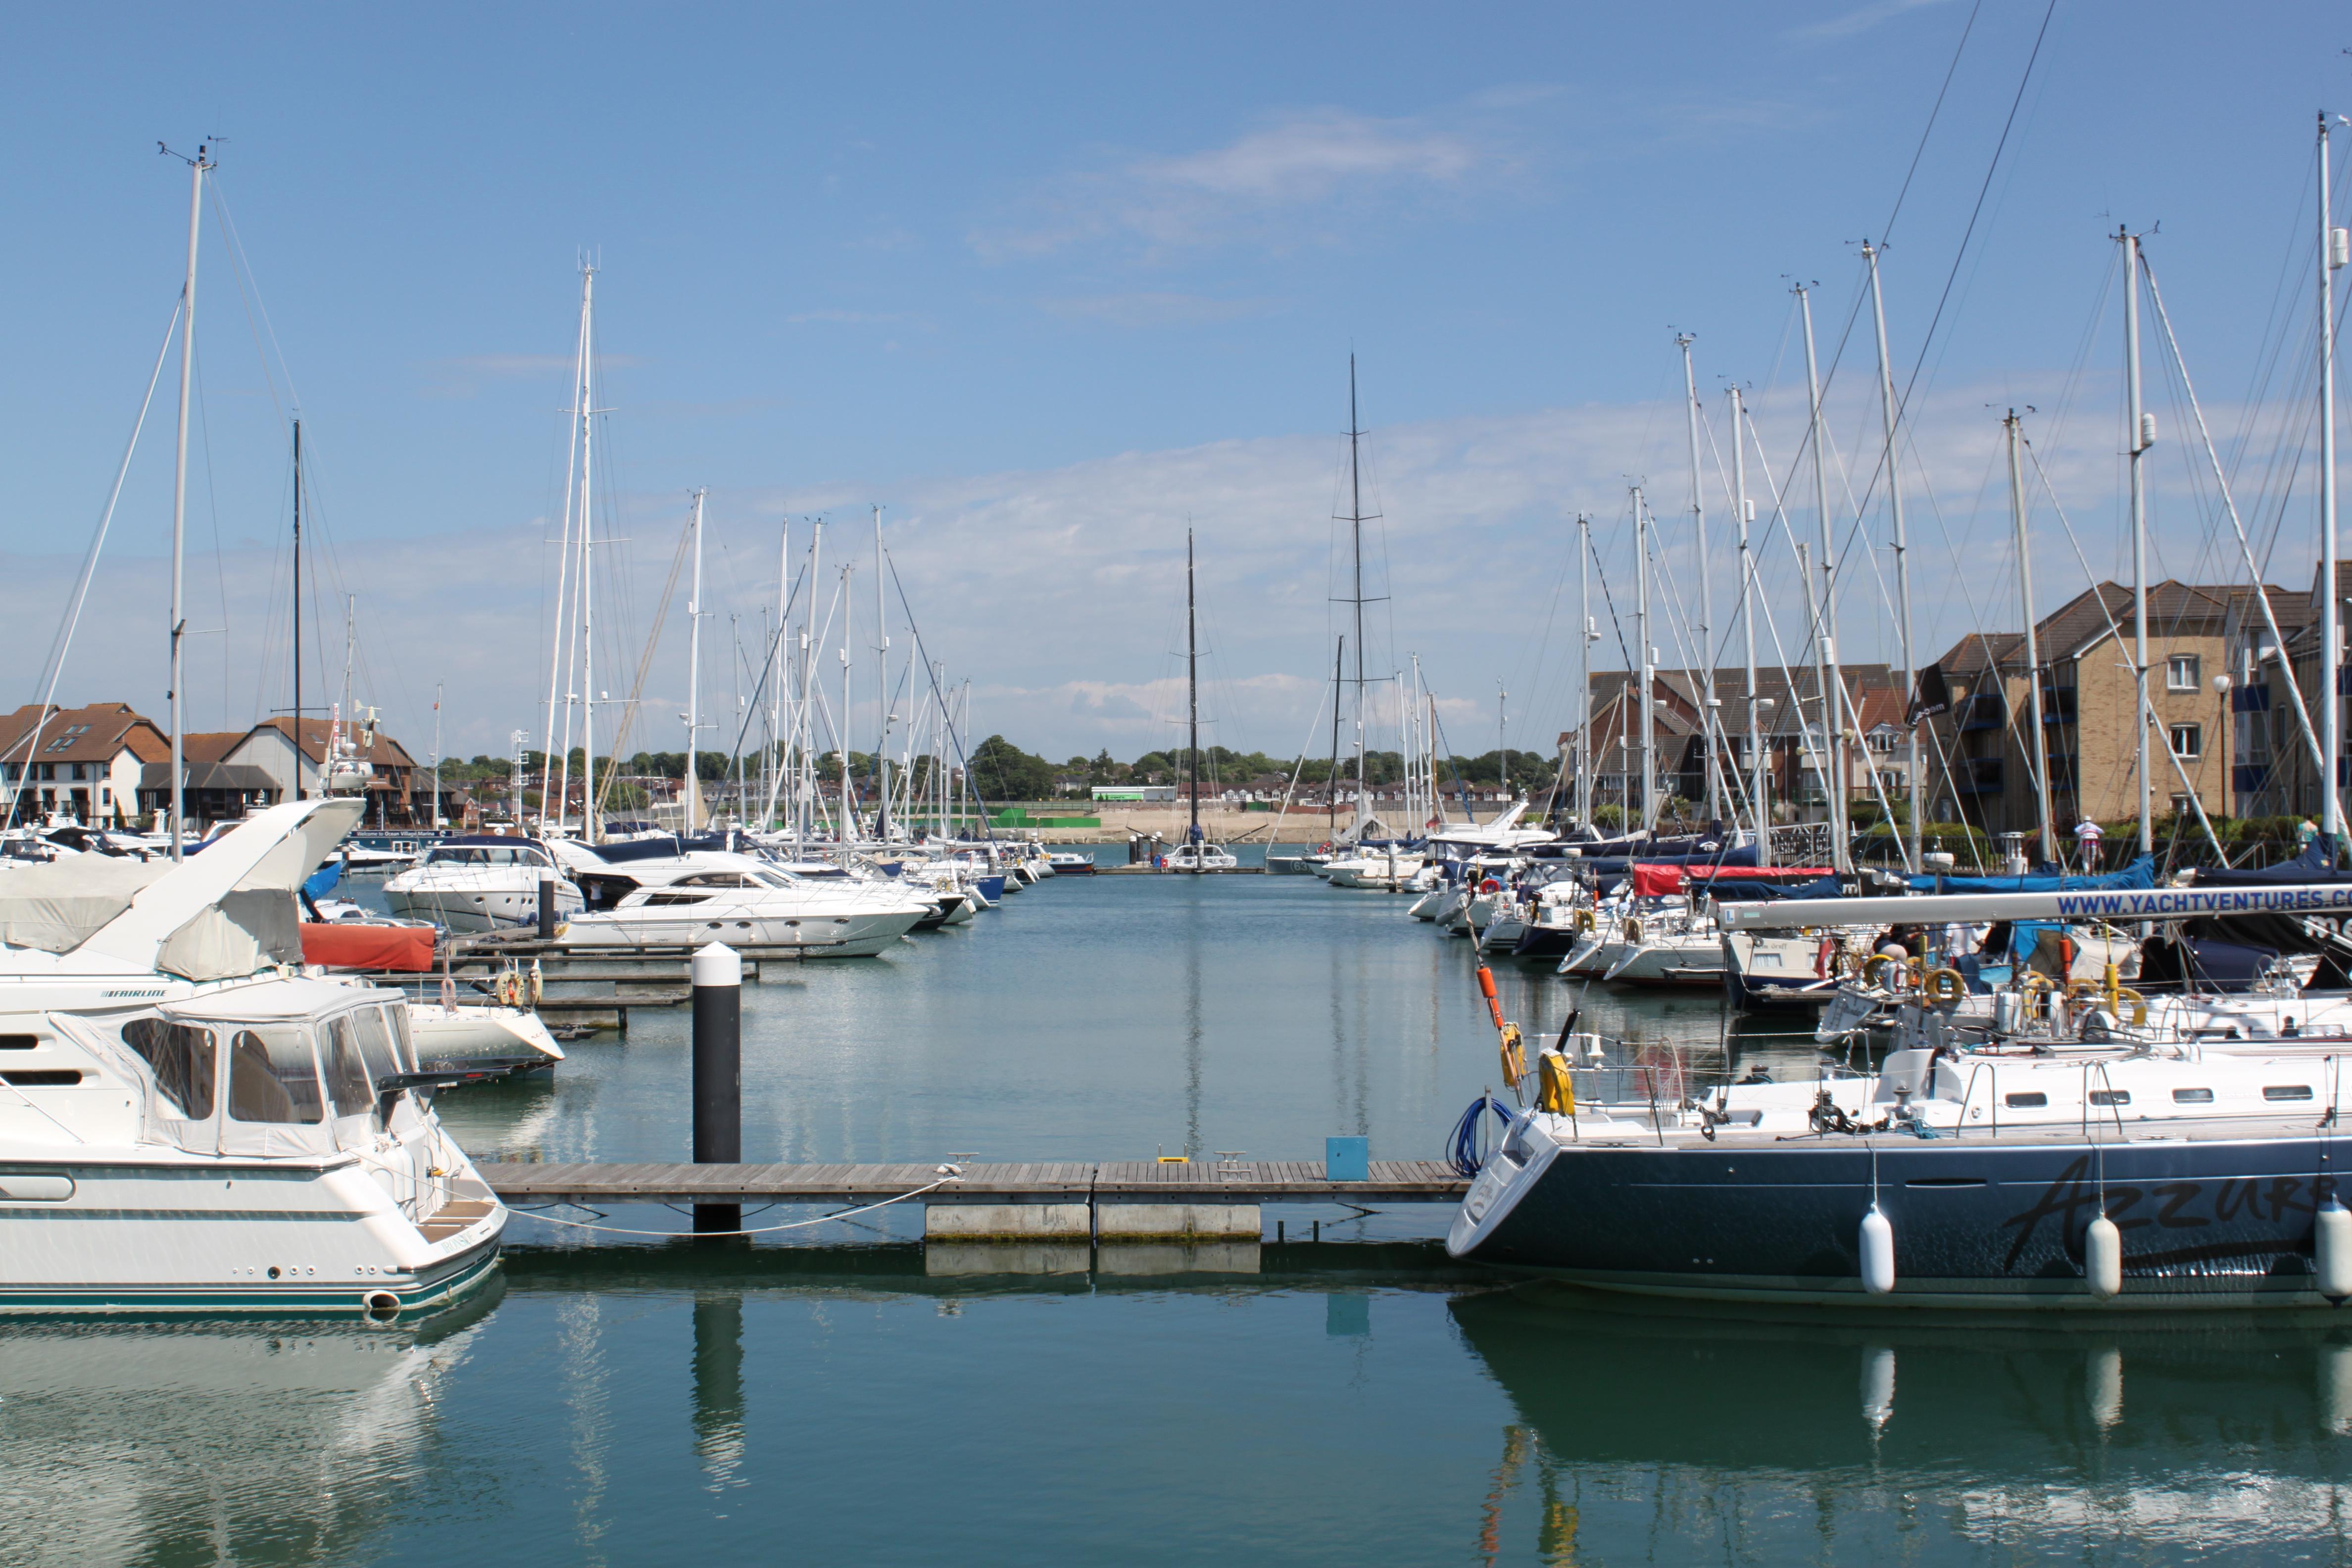 Boats at pier, Boats, Mooring, Pier, HQ Photo